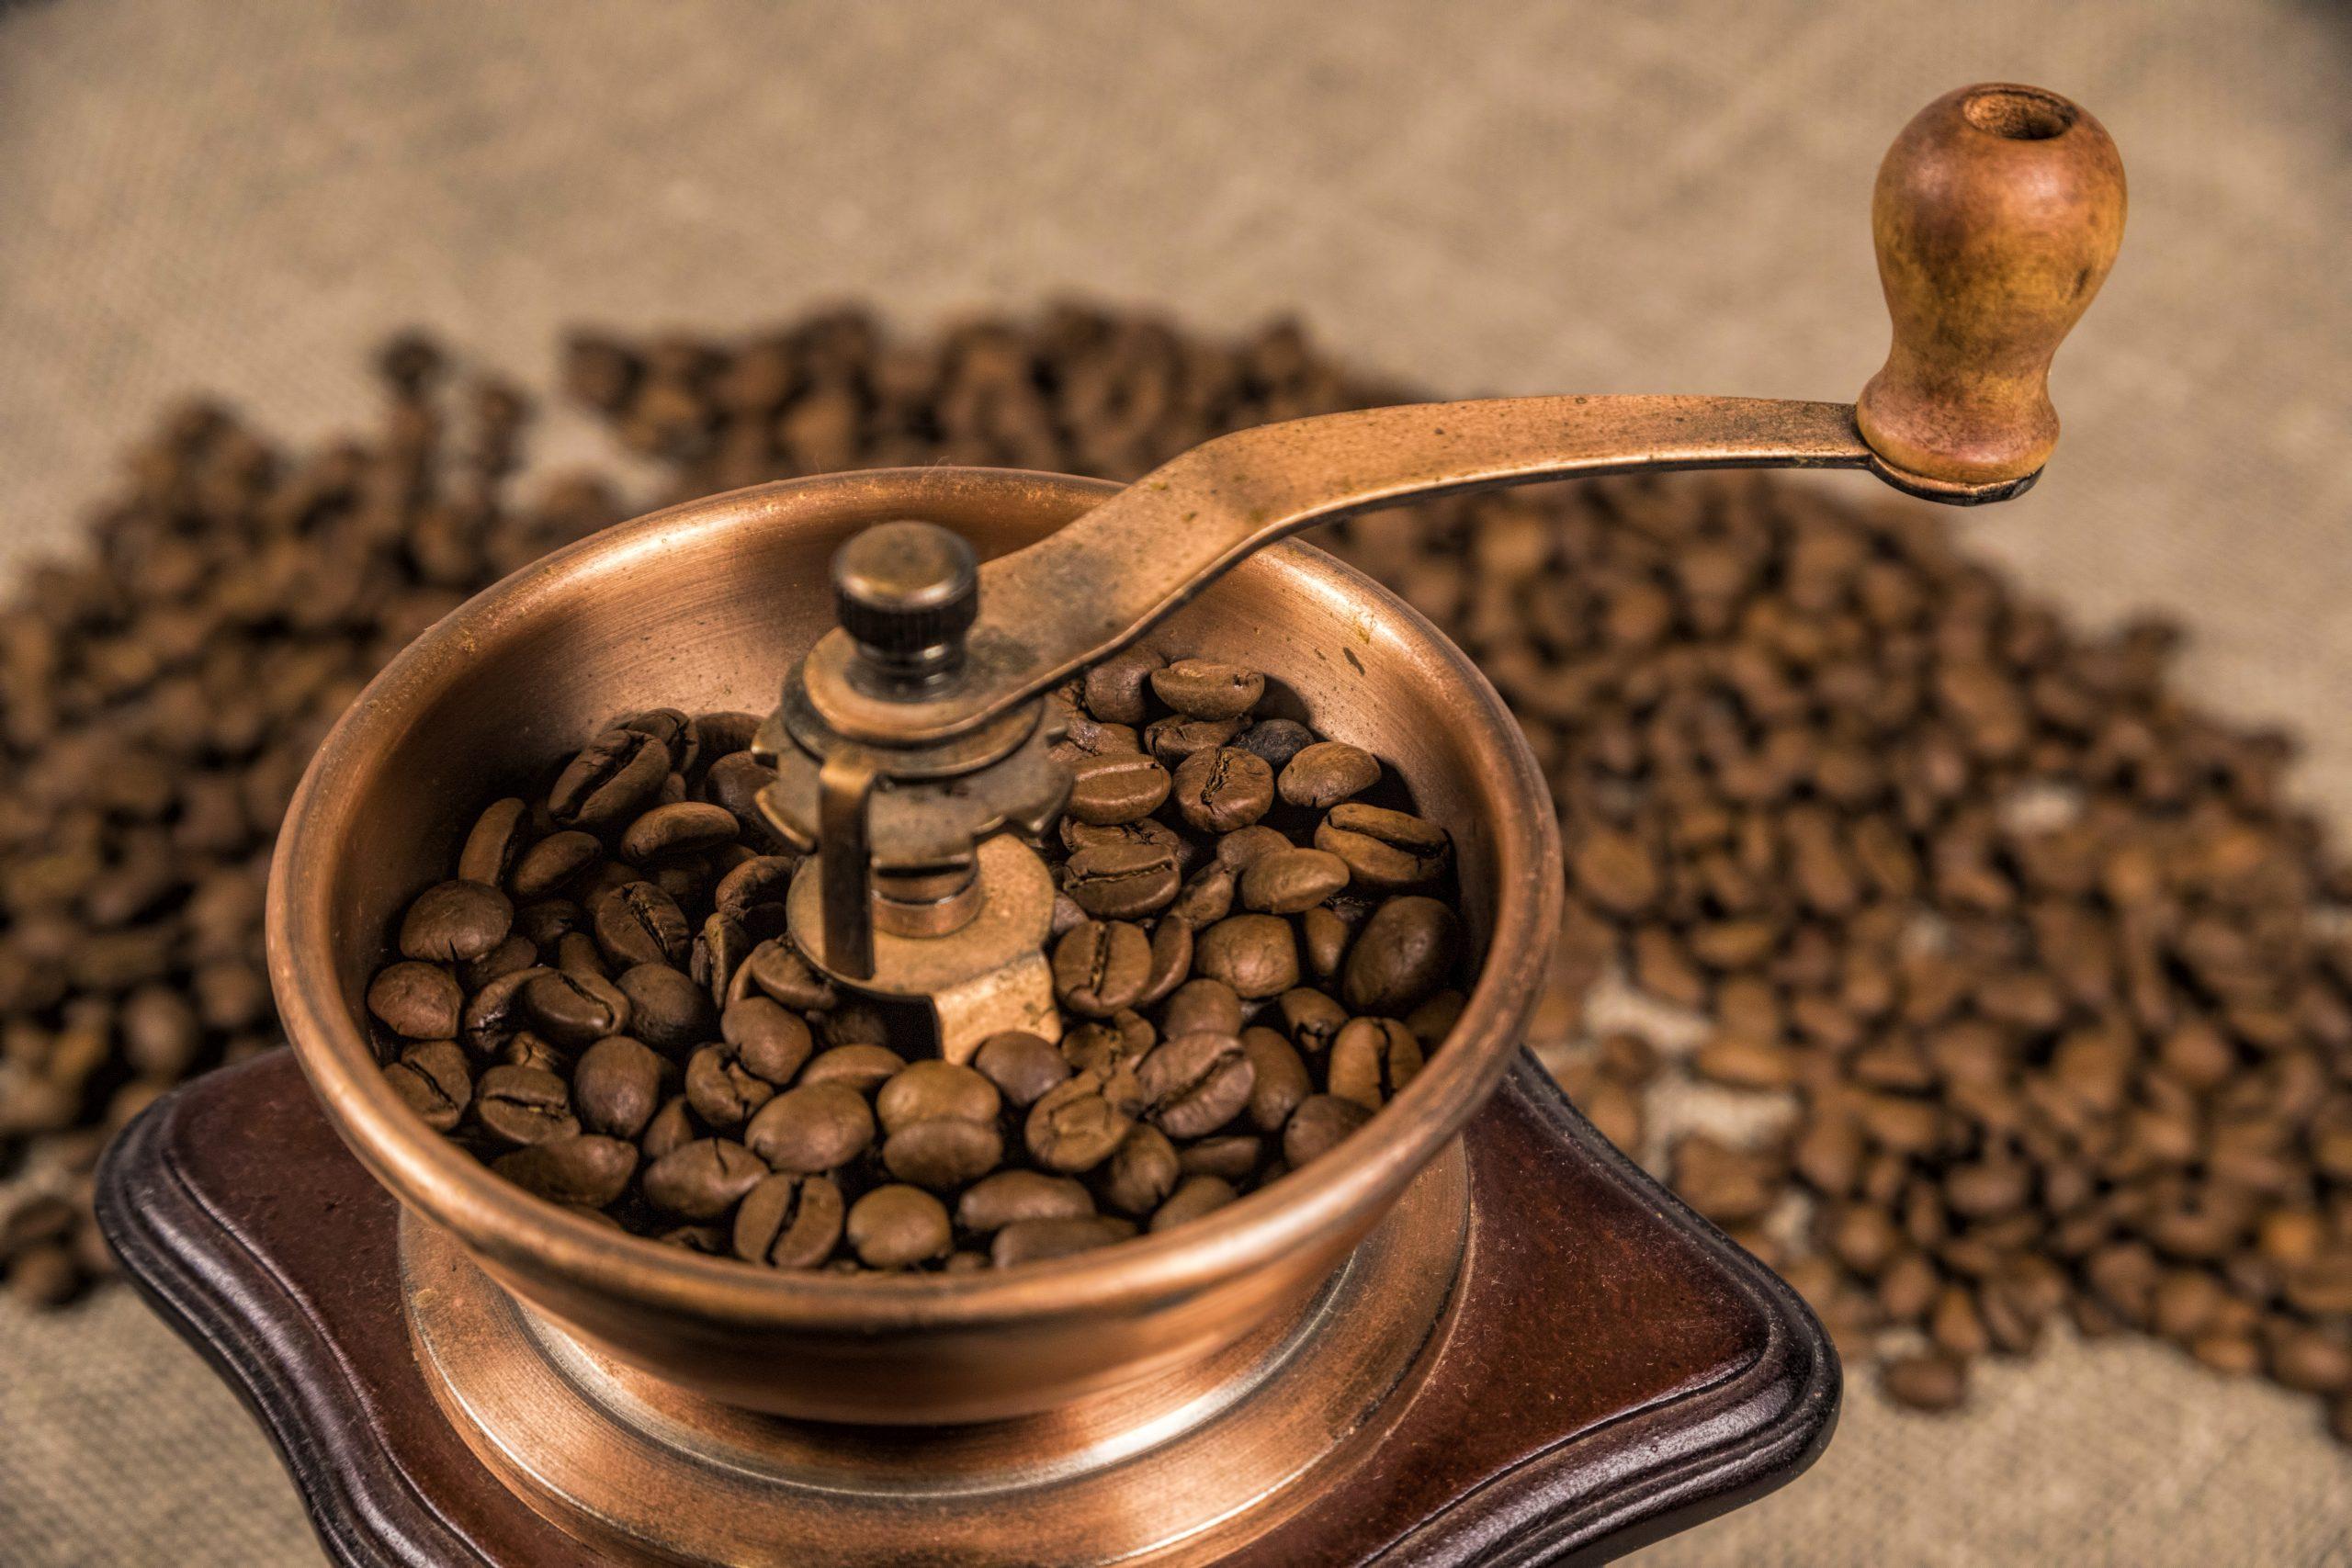 Handkaffeemühle: Test & Empfehlungen (07/20)